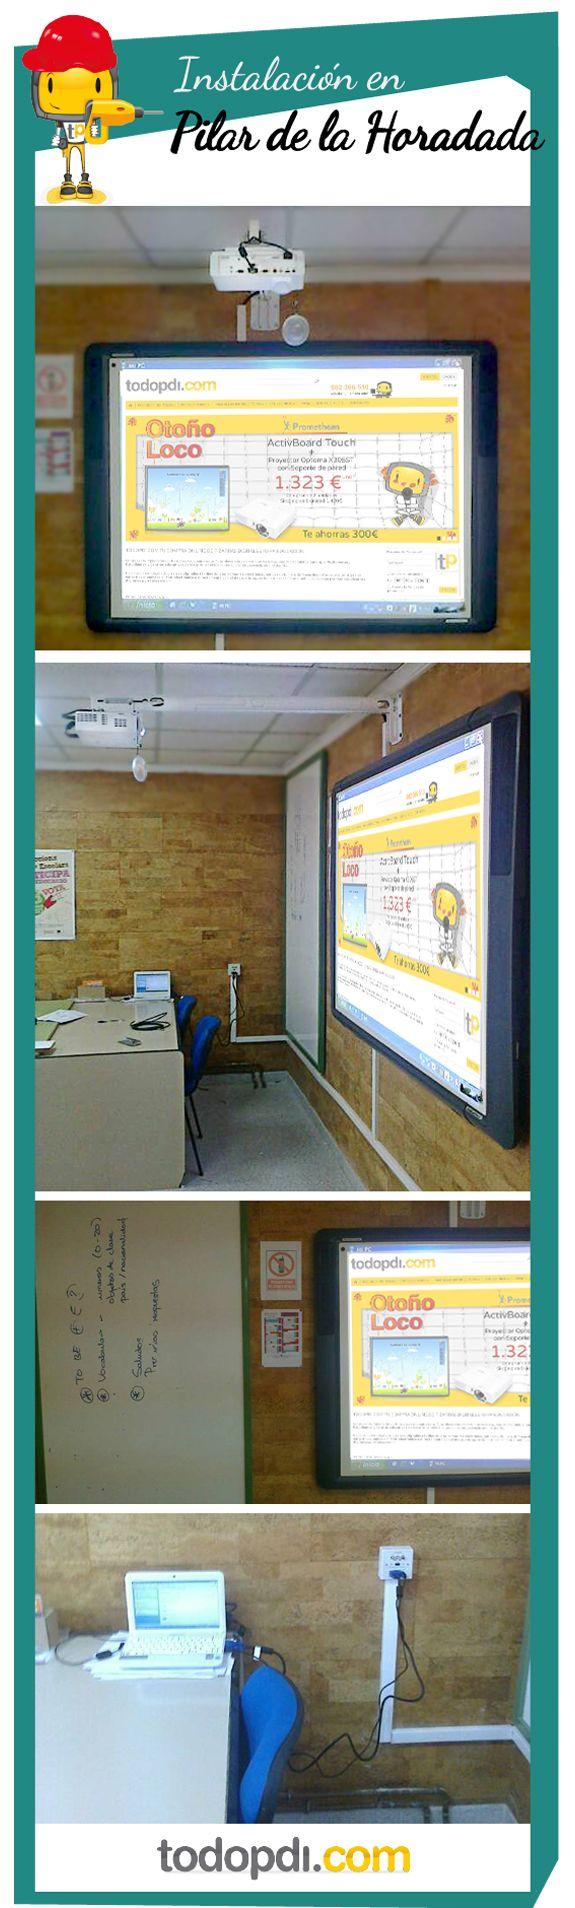 Estos días nuestro equipo de instalación ha ido hasta el Pilar de la Horadada a instalar, en 3 aulas: 3 pizarras digitales #Promethean de la serie 500 +info: http://www.todopdi.com/-pizarras-digitales-promethean/26-activboard-578-peu.html, 3 #proyectores #Optoma X305ST +info: http://www.todopdi.com/home/156-proyector-optoma-x305st-.html y cableado.